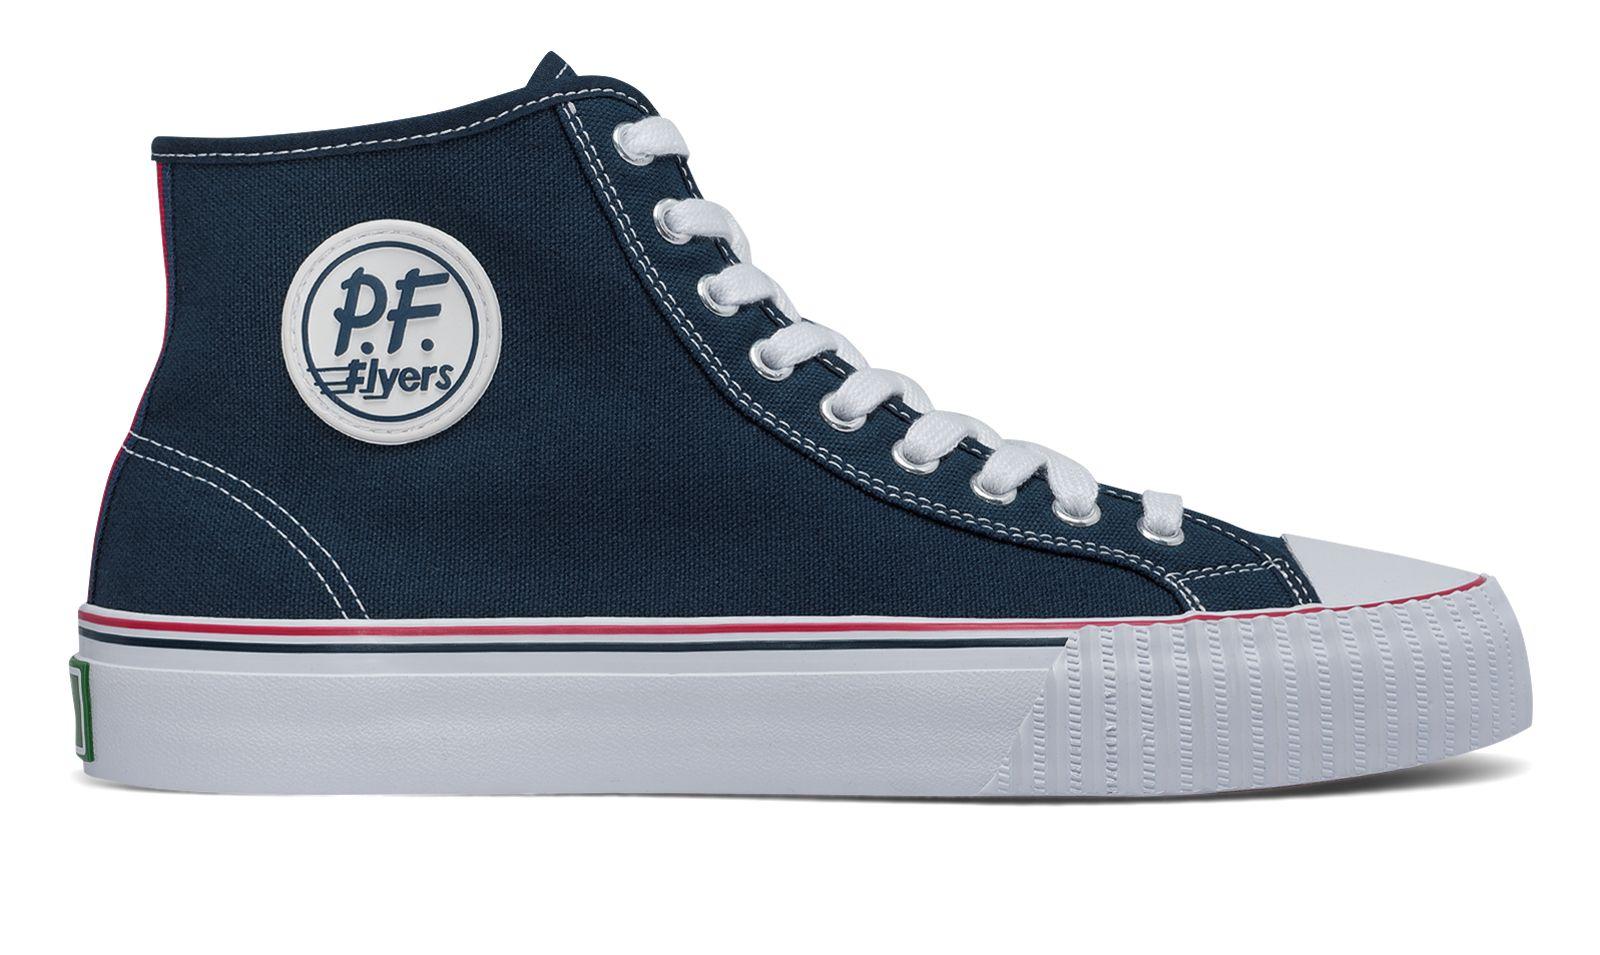 PF FLyers Center Hi Shoes